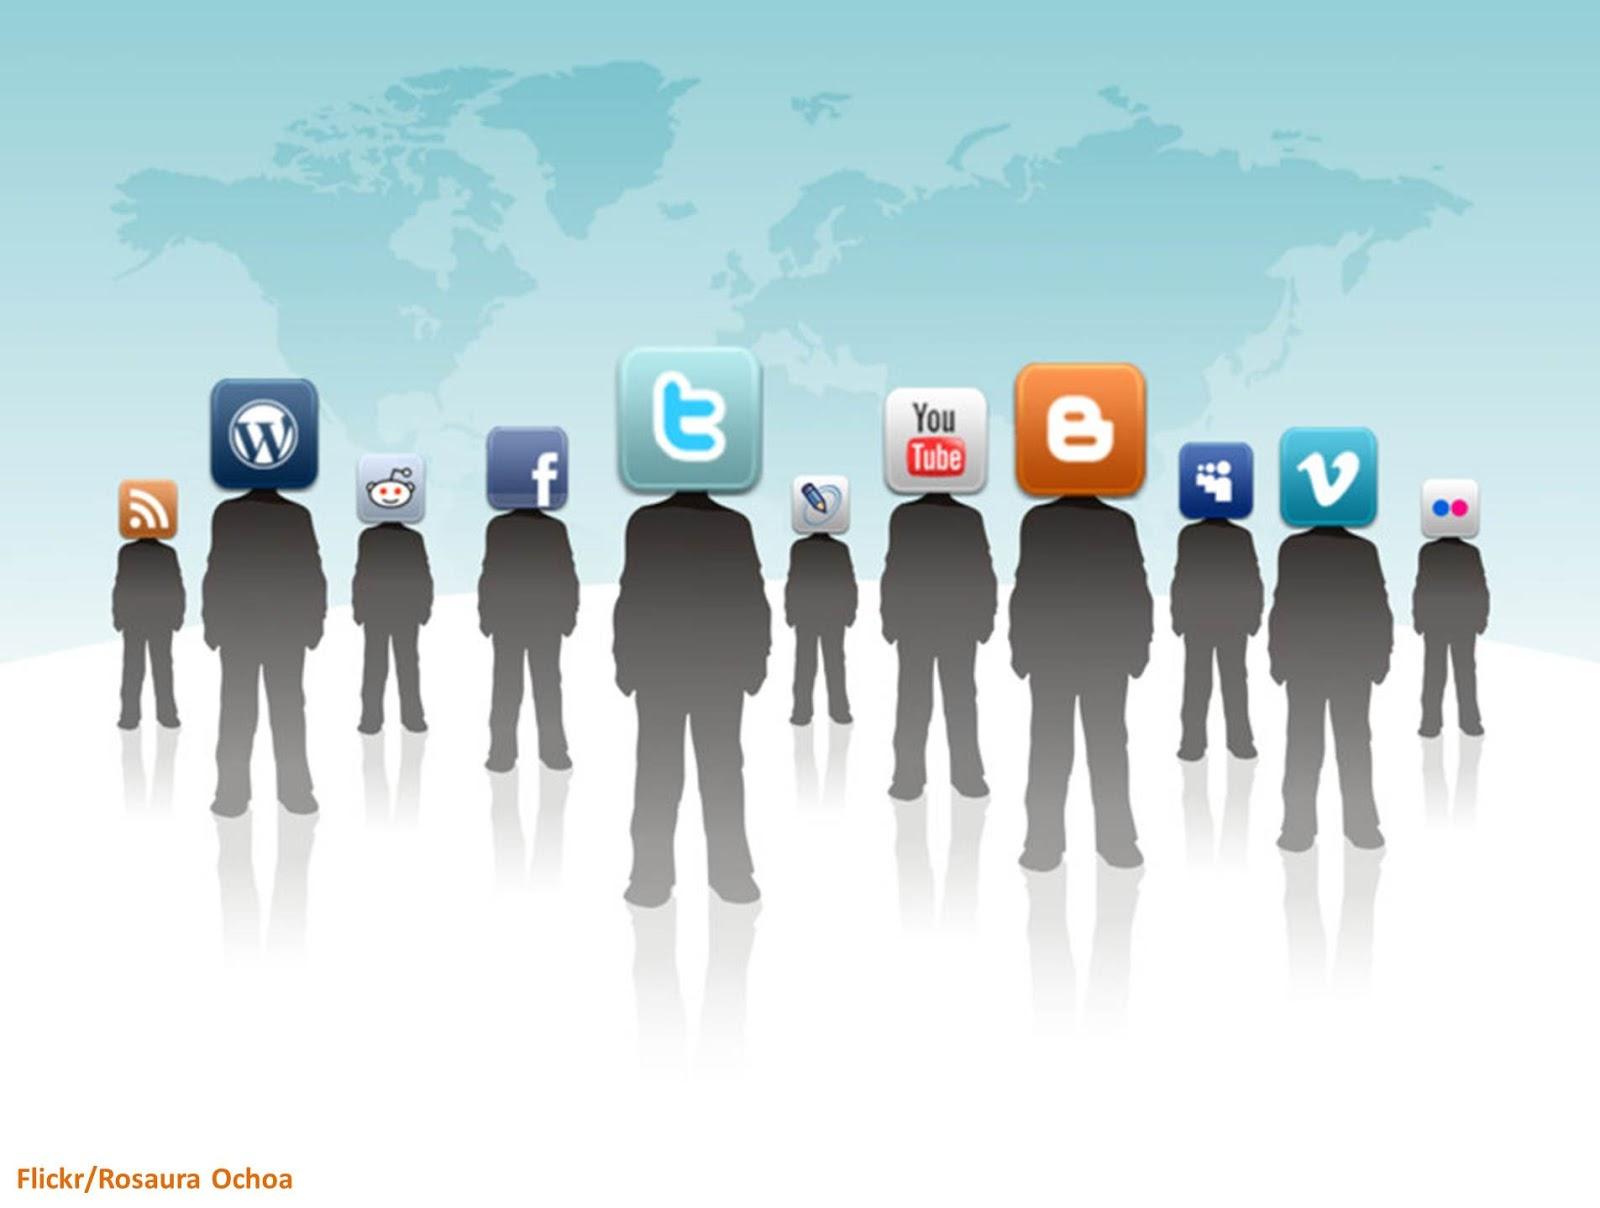 كيف تؤثر وسائل التواصل على العلاقات الاجتماعية؟